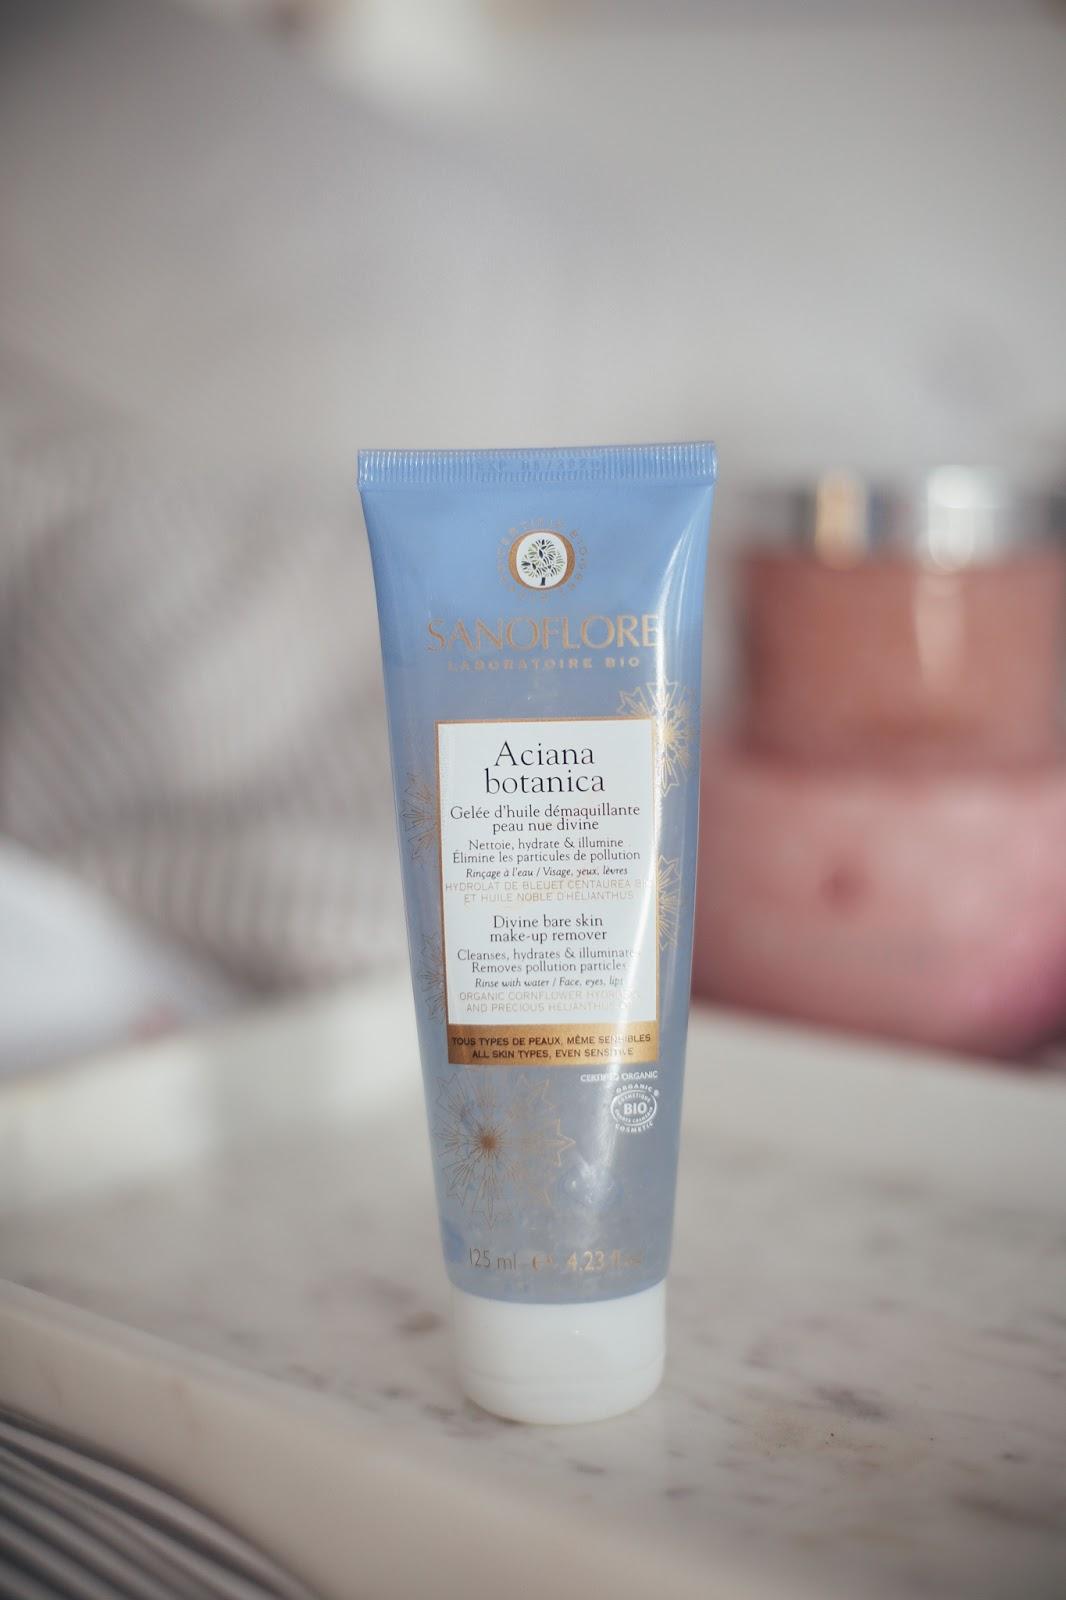 Sanoflore Aciana Botanica Divine Bare Skin Gelée Makeup Remover